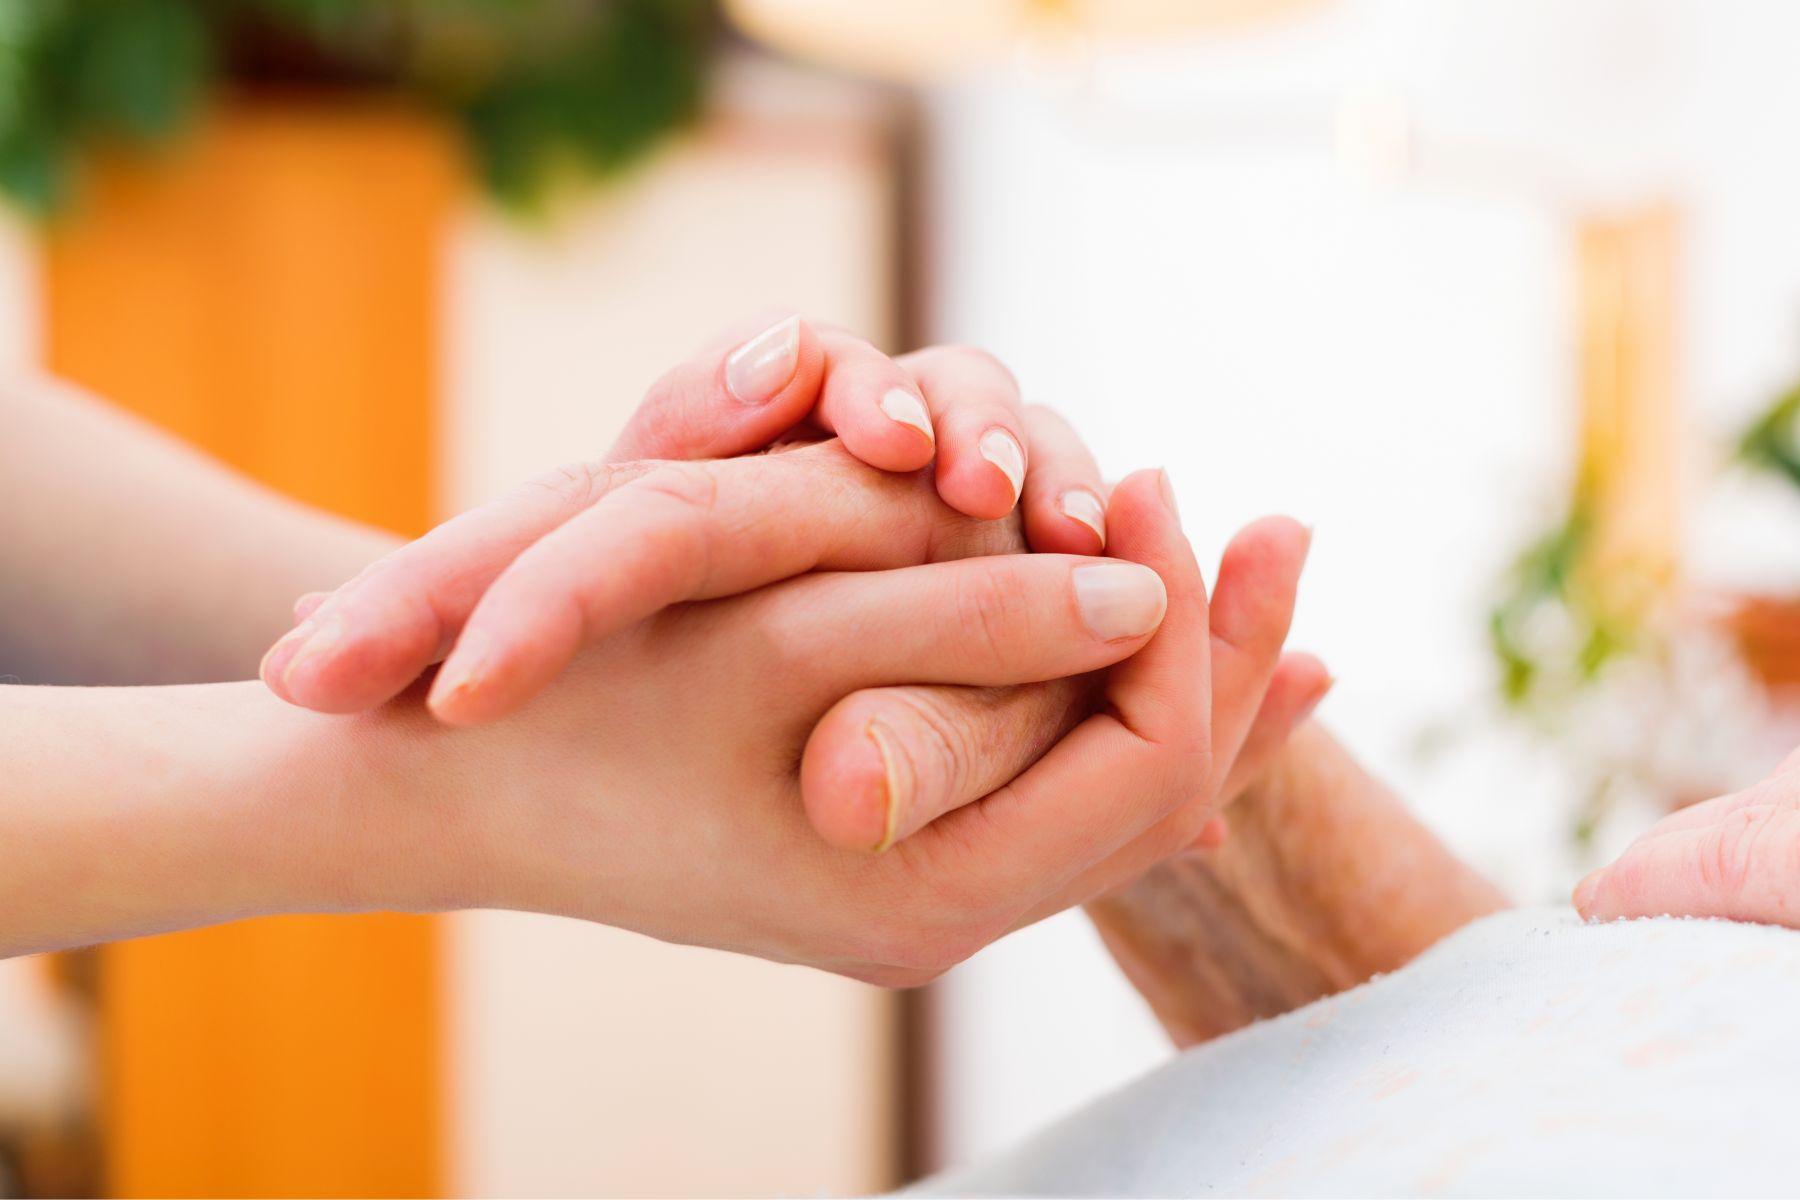 清除血管廢物最有力!中醫大推2種防癌食材,預防癌症、心血管疾病